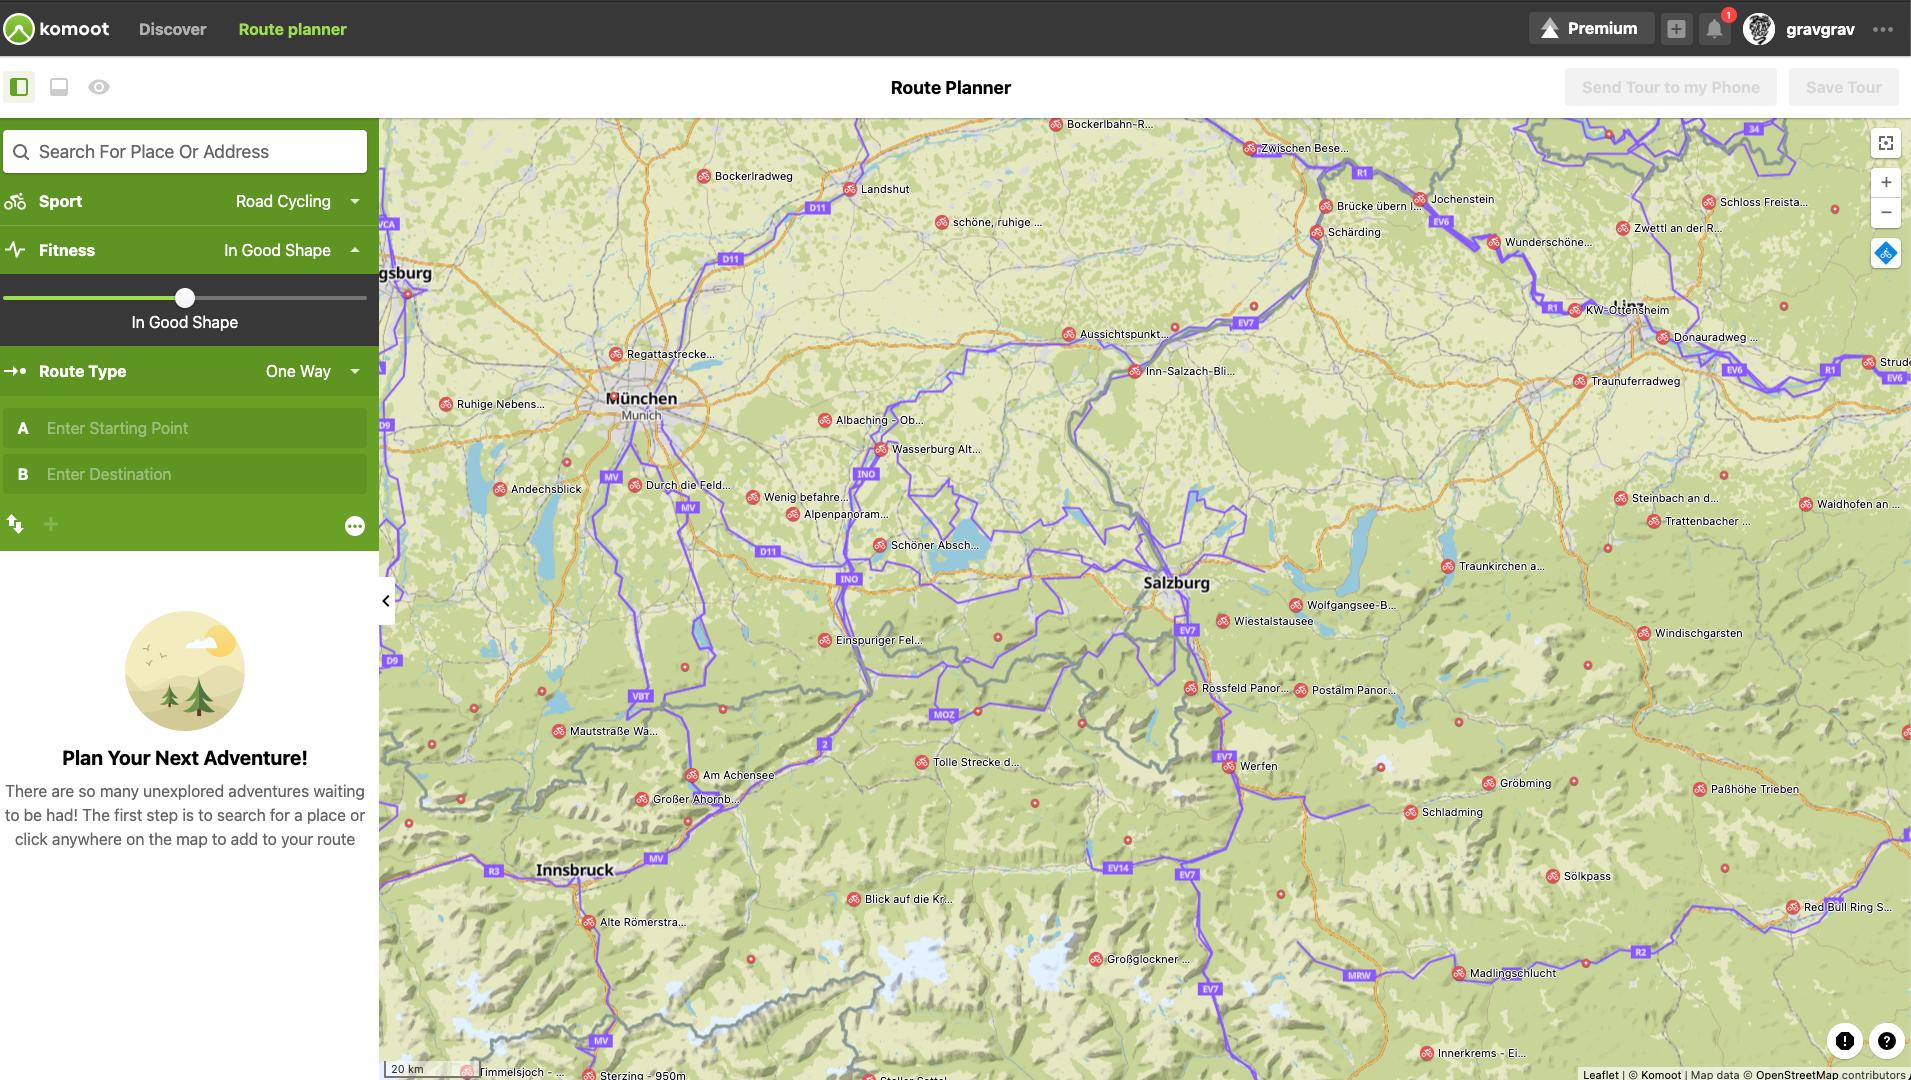 Screenshot 2021-05-13 at 23.31.16.png